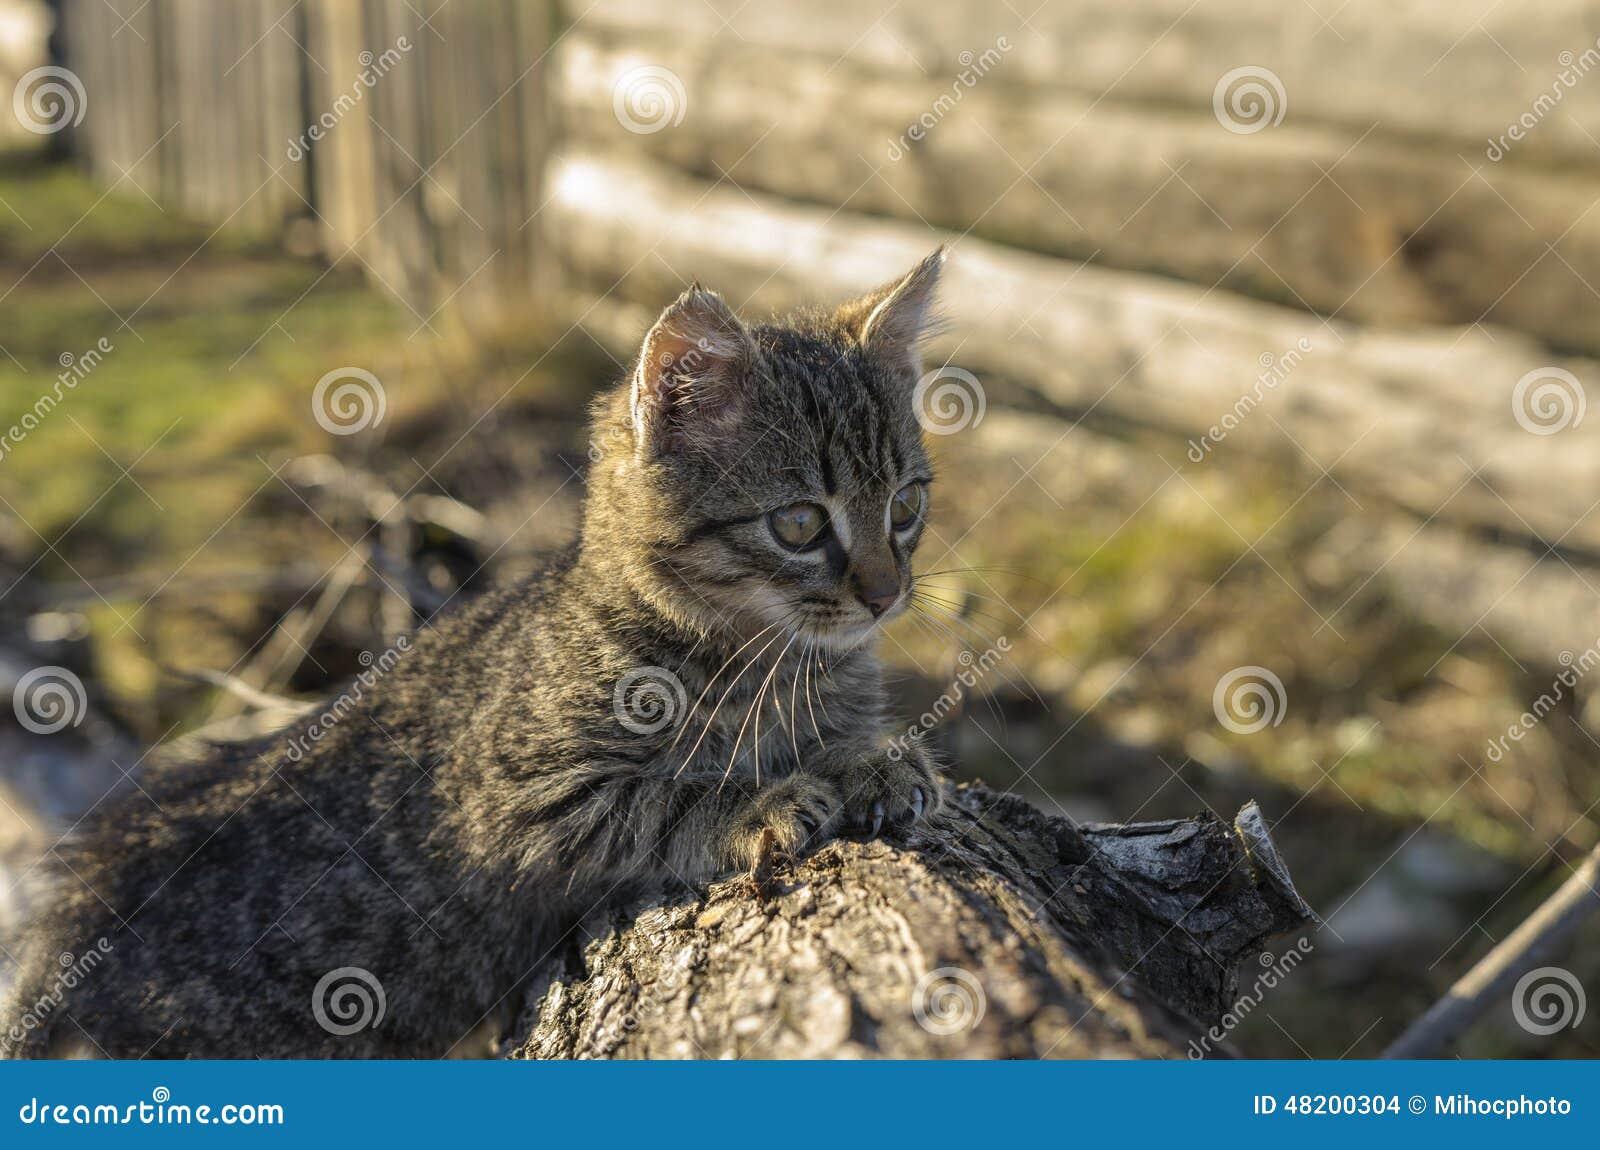 Kitten on wood bark